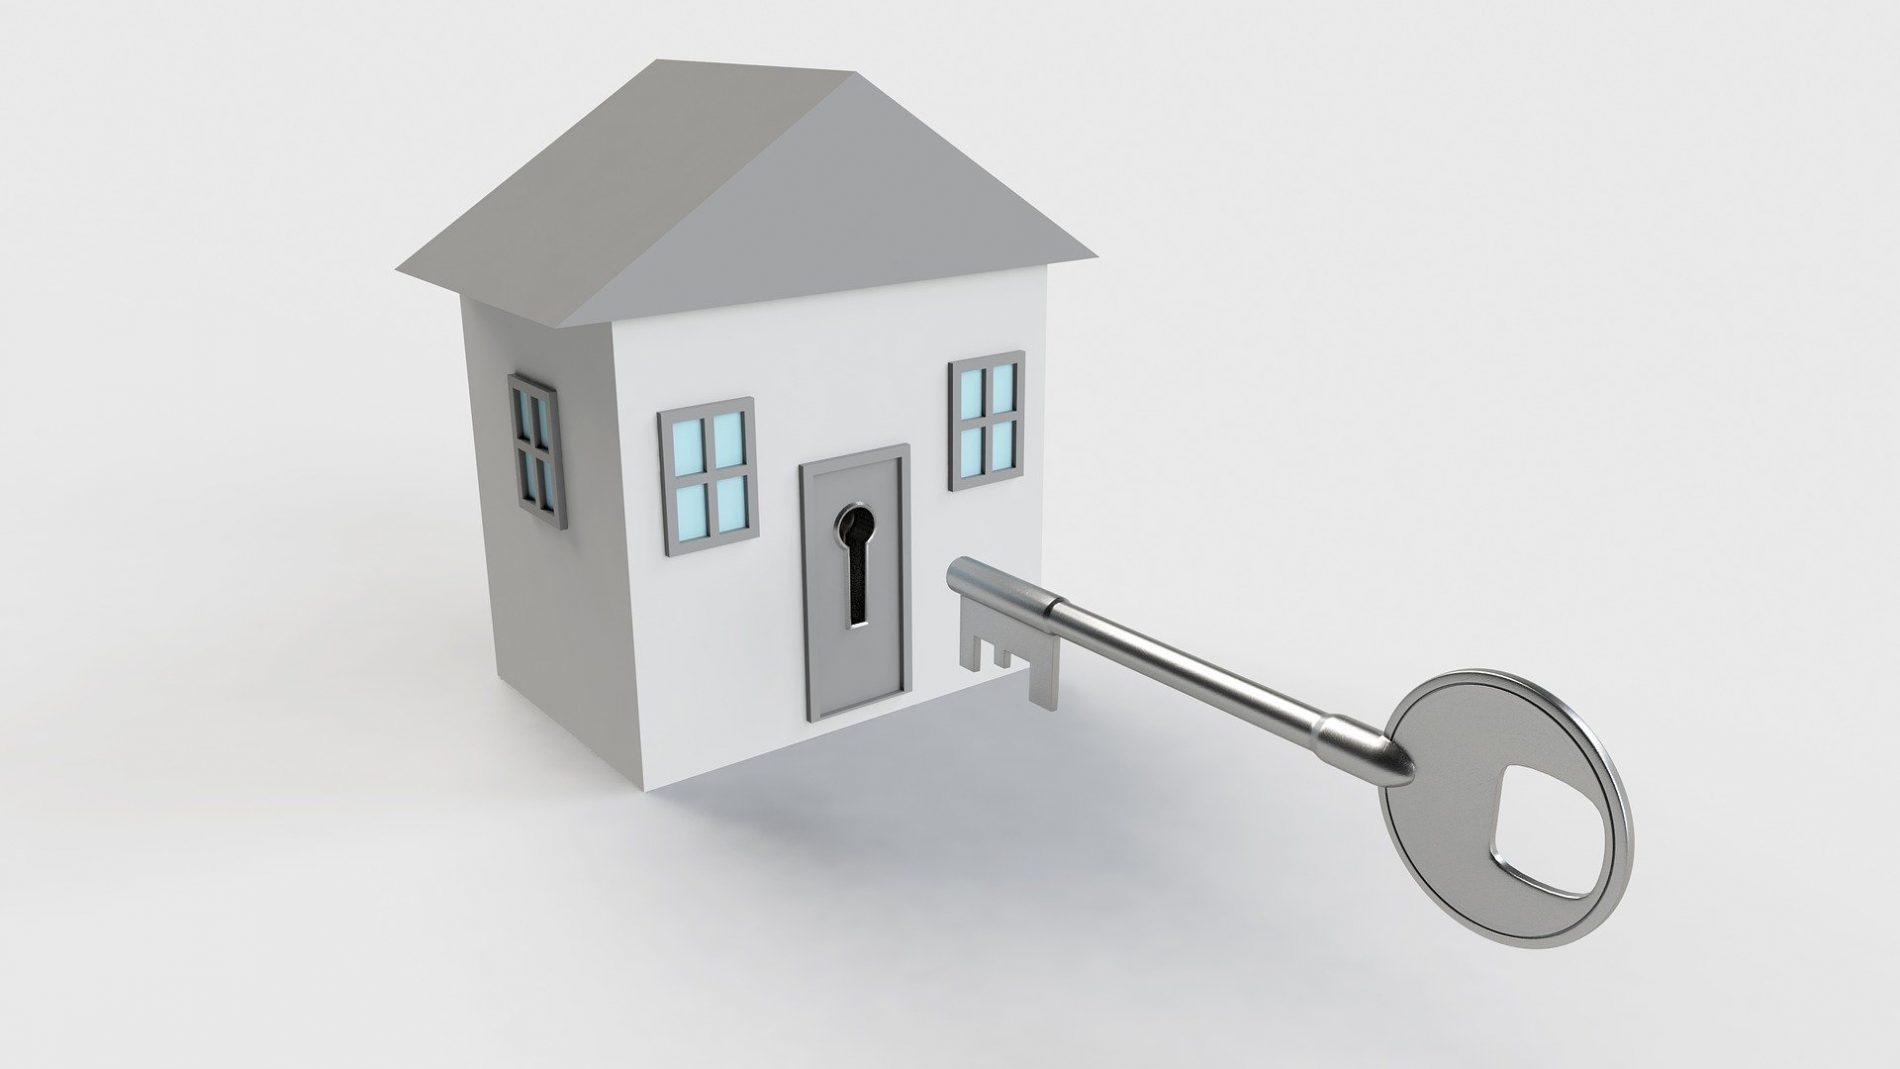 הלוואה למימון הון עצמי לרכישת דירה